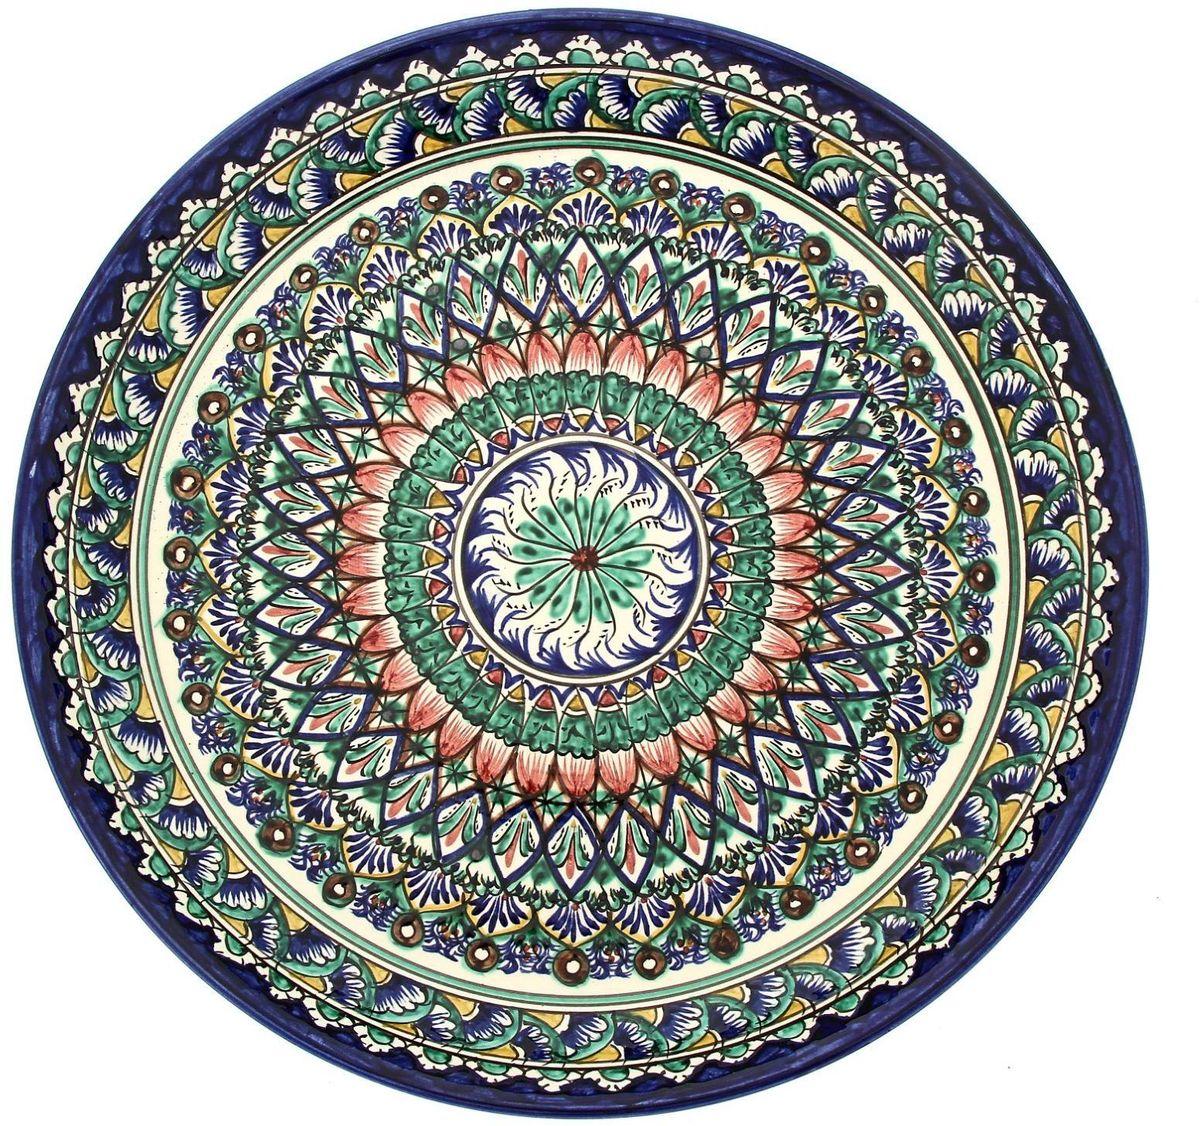 Ляган Риштанская керамика, диаметр 36 см. 19234691923469Ляган — это не просто обеденный атрибут, это украшение стола. Посуда с национальной росписью станет отменным подарком для ценителей высокородной посуды.Риштан — город на востоке Узбекистана, один из древнейших в Ферганской долине. С давних времён Риштан славится своим гончарным искусством изготовления цветной керамики. Красноватую глину для изделия добывают в самом городе. Мастера утверждают, что их глина настолько высокого качества, что даже не нуждается в предварительной обработке. Дополните коллекцию кухонных аксессуаров пряными восточными нотами.